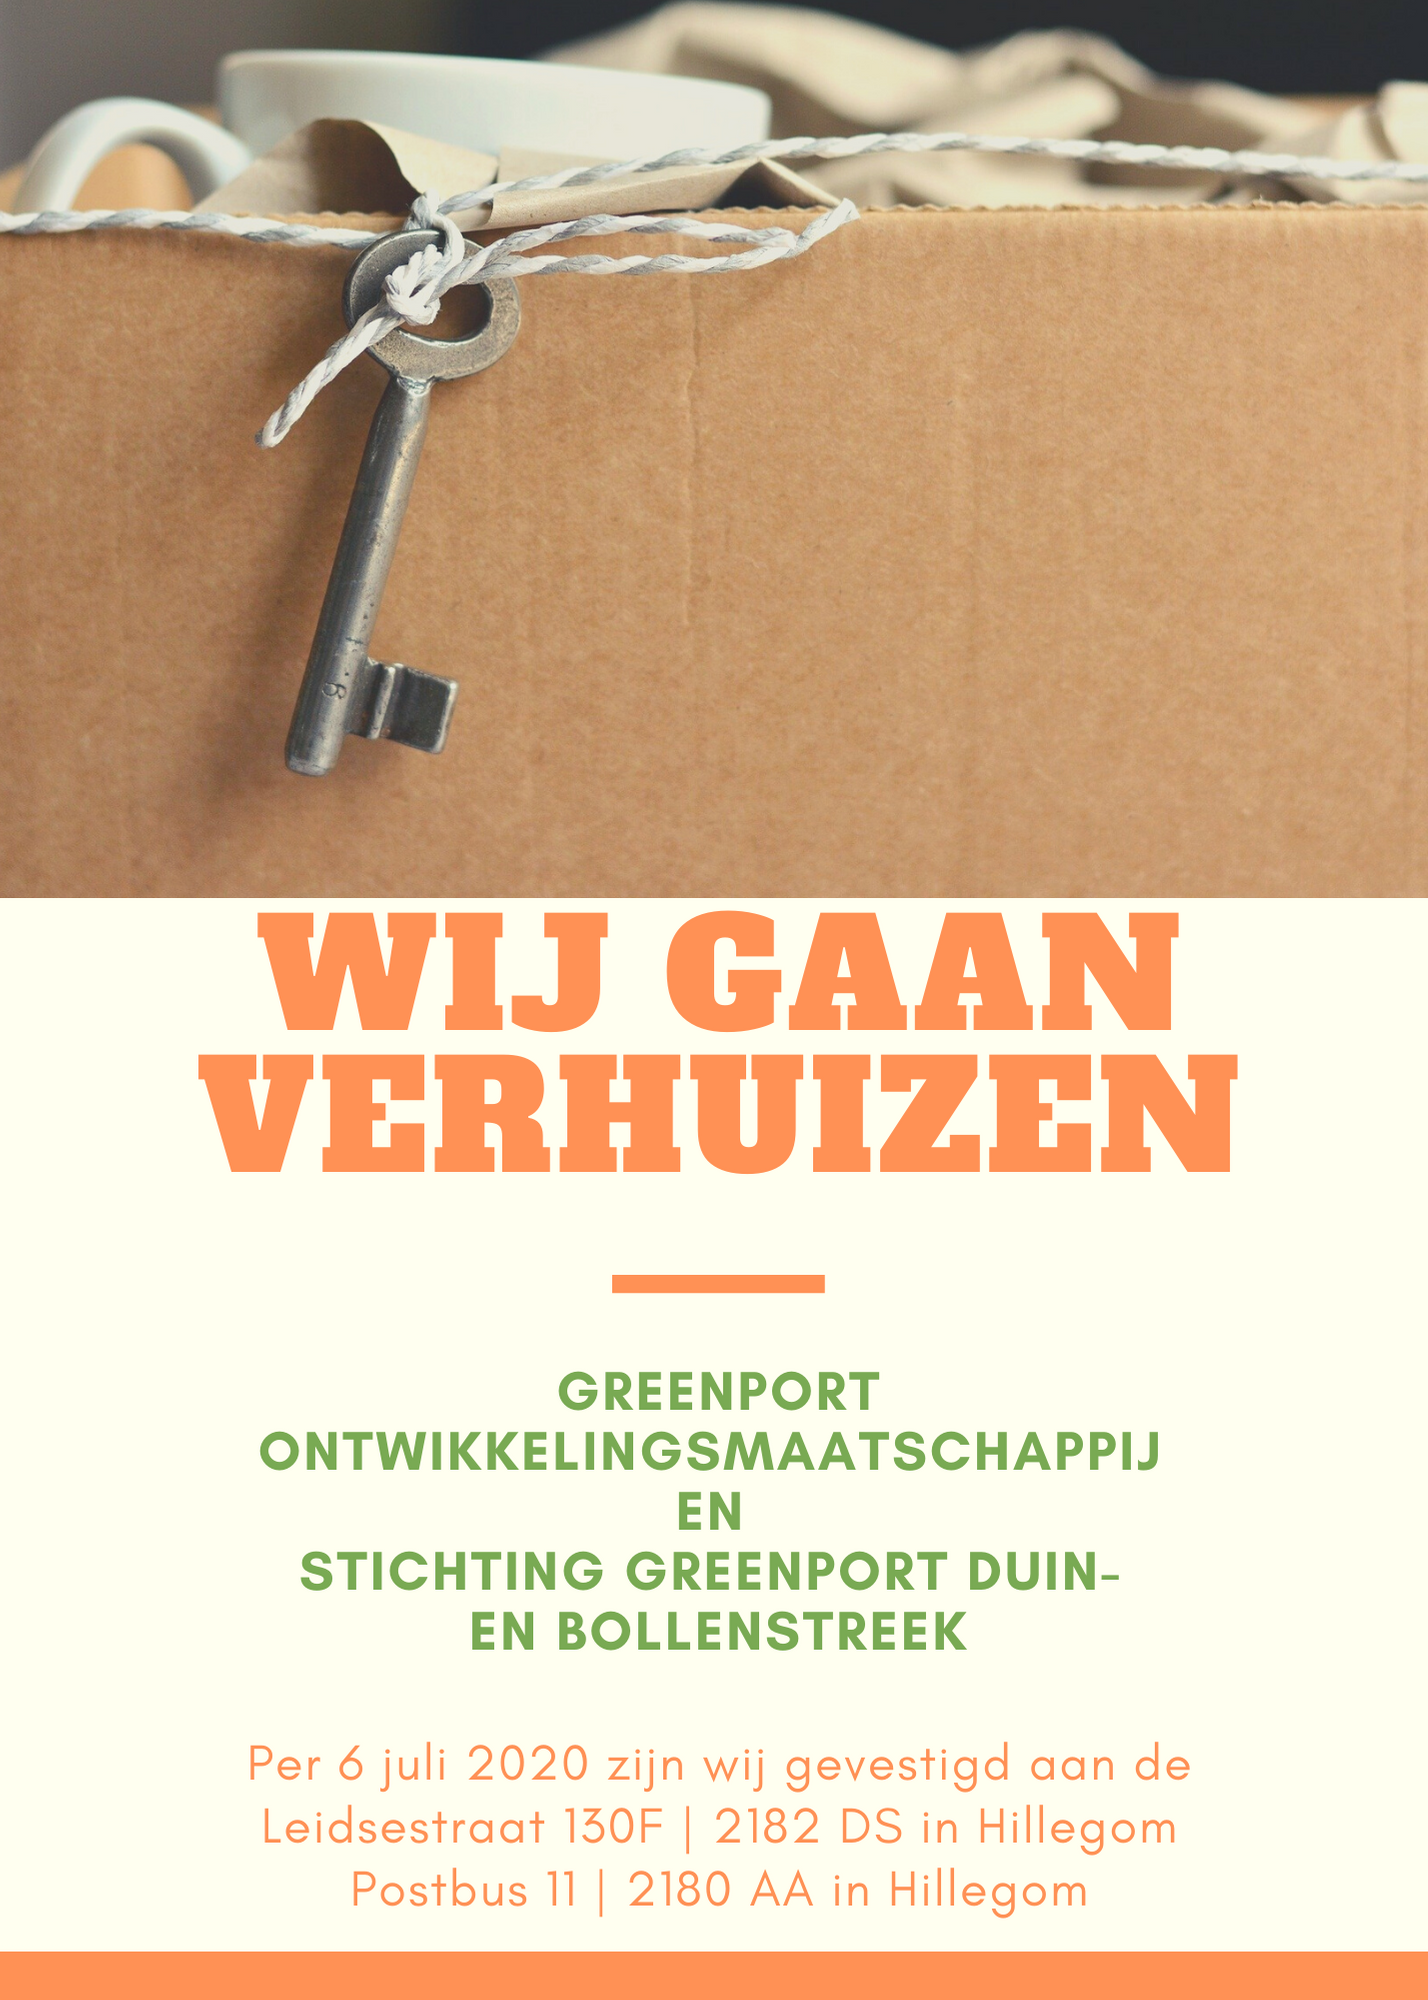 Verhuizing-GOM-en-Stichting-Greenport-Duin-en-Bollenstreek